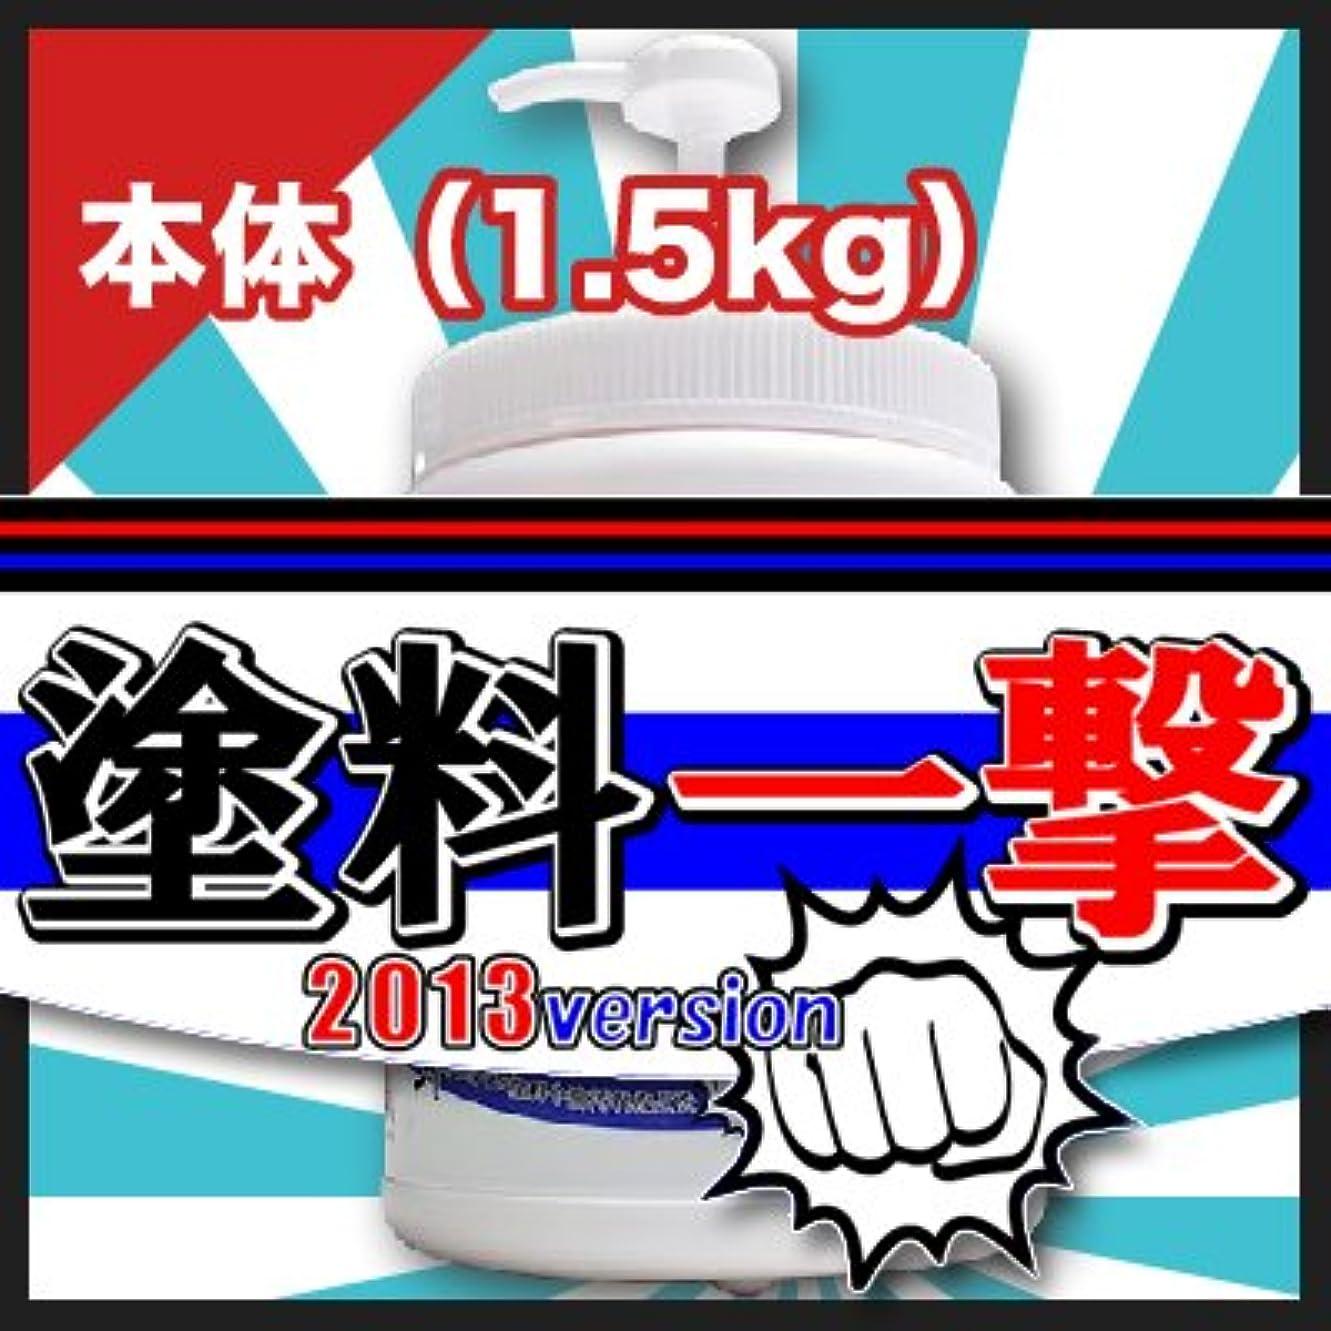 知り合いになる確認してくださいコンパクトD.Iプランニング 塗料一撃 2013 Version 本体 (1.5kg)